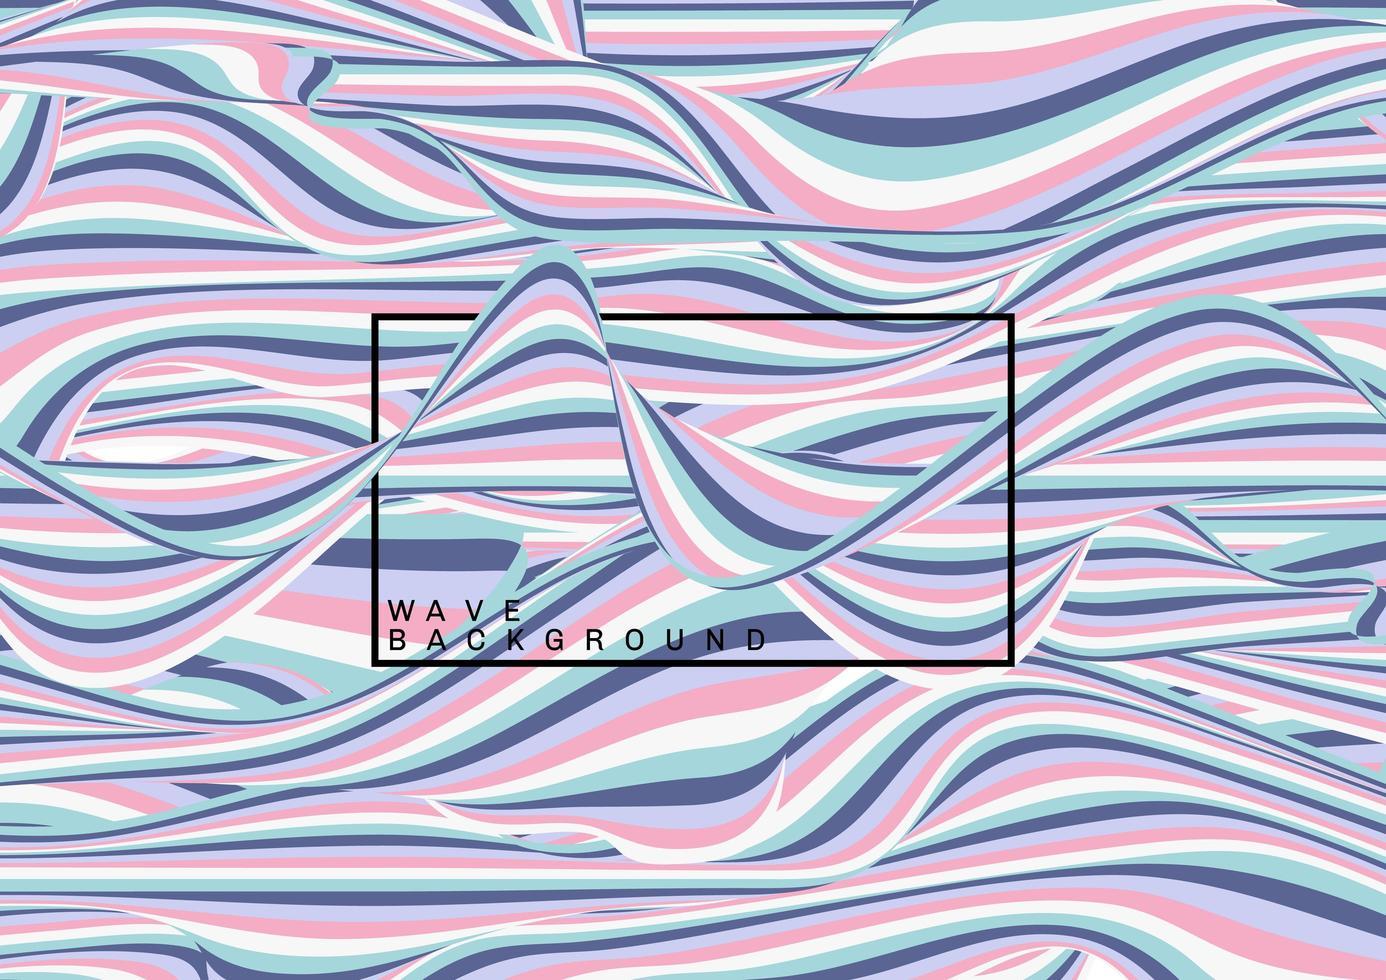 abstrakt pastellfärg våglinjer mönster vektor